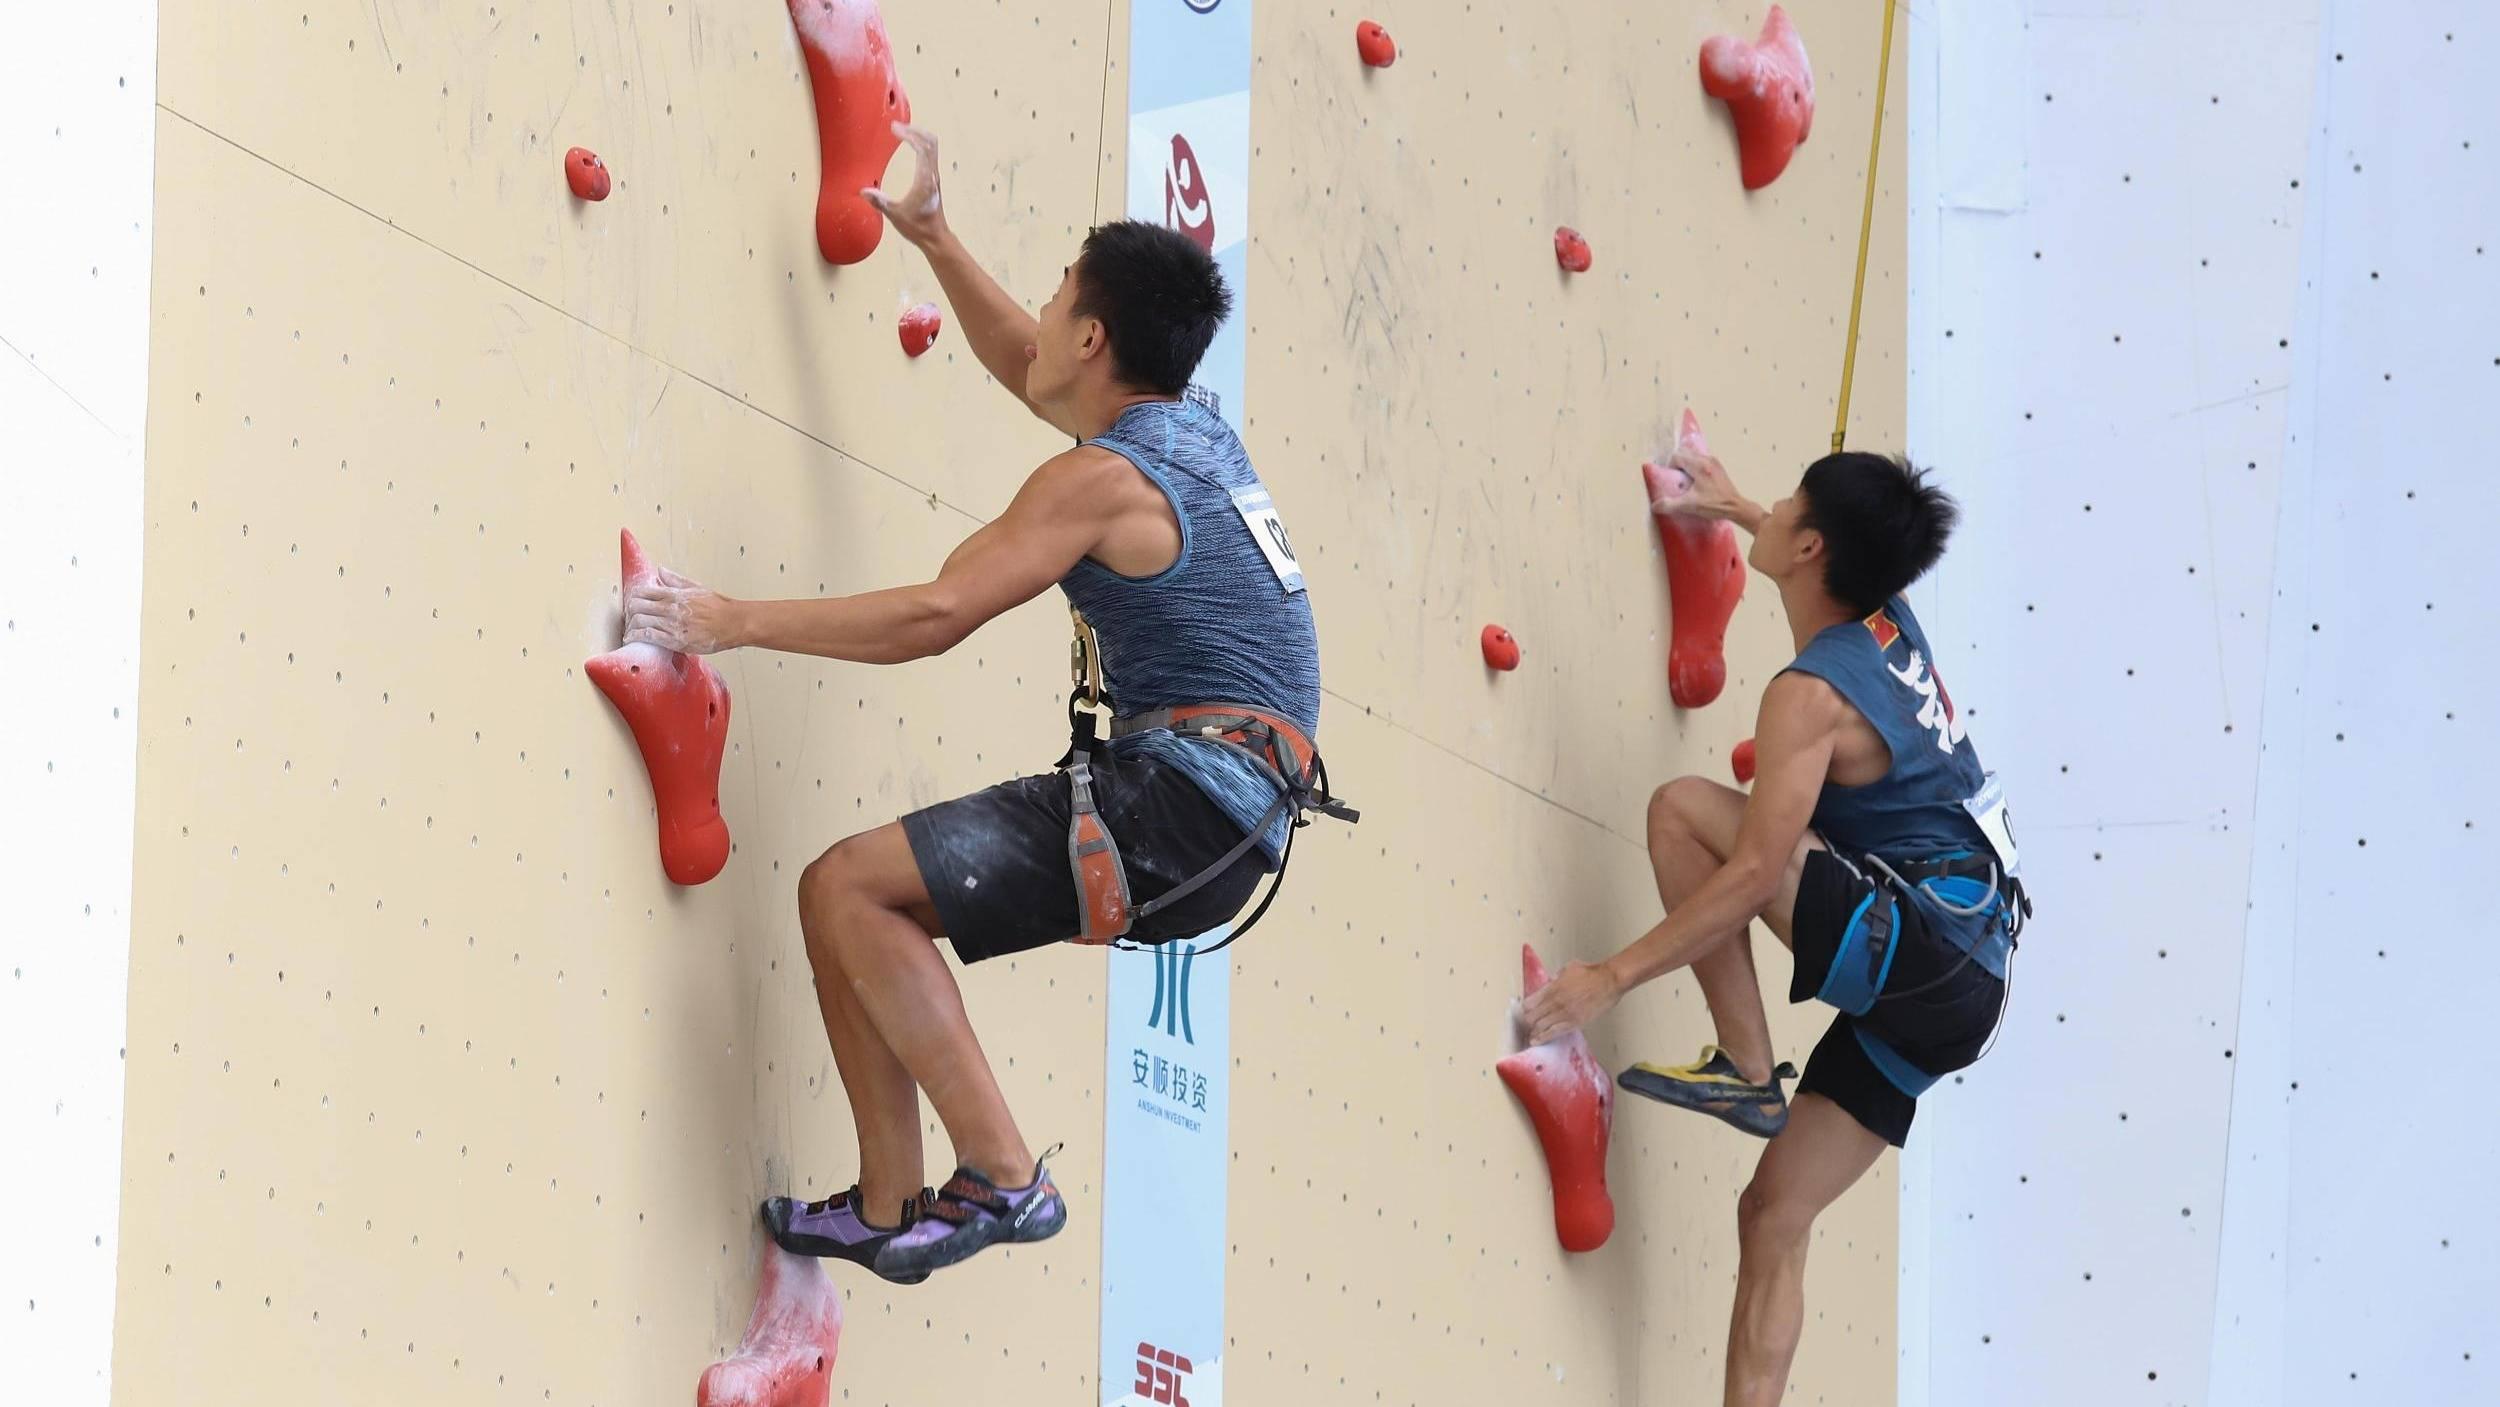 小众化的攀岩运动,能借东京奥运会破圈吗?